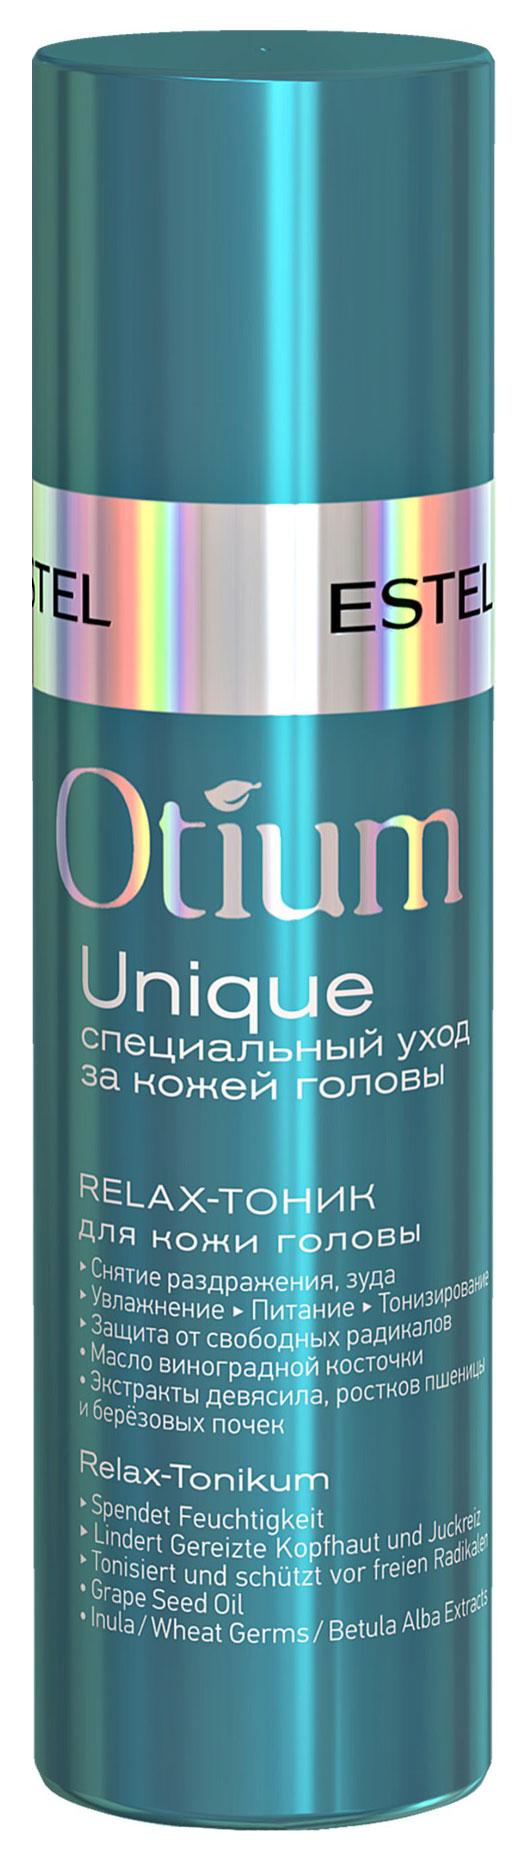 Тоник для волос Estel Professional Otium Unique